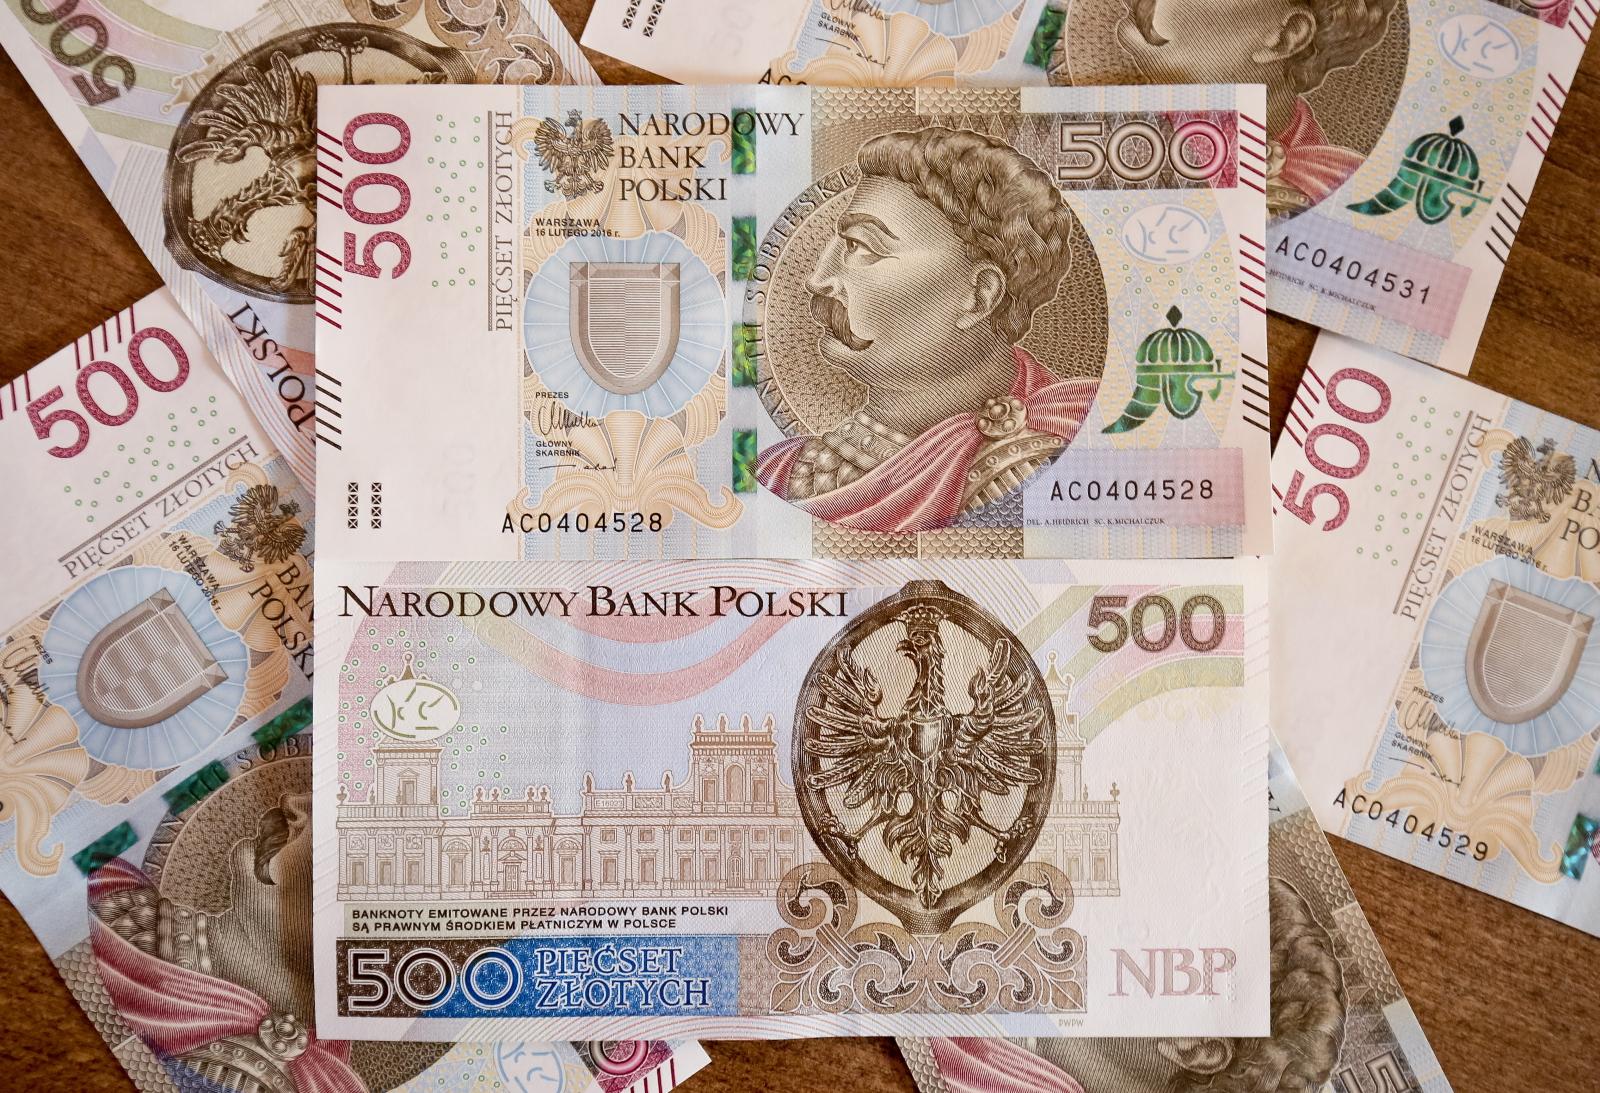 Banknot o nominale 500zł trafił do obiegu.  Na awersie znajduje się wizerunek Jana III Sobieskiego pochodzący z jego medalionu koronacyjnego, na rewersie - pałac w Wilanowie. Fot. PAP/Paweł Supernak